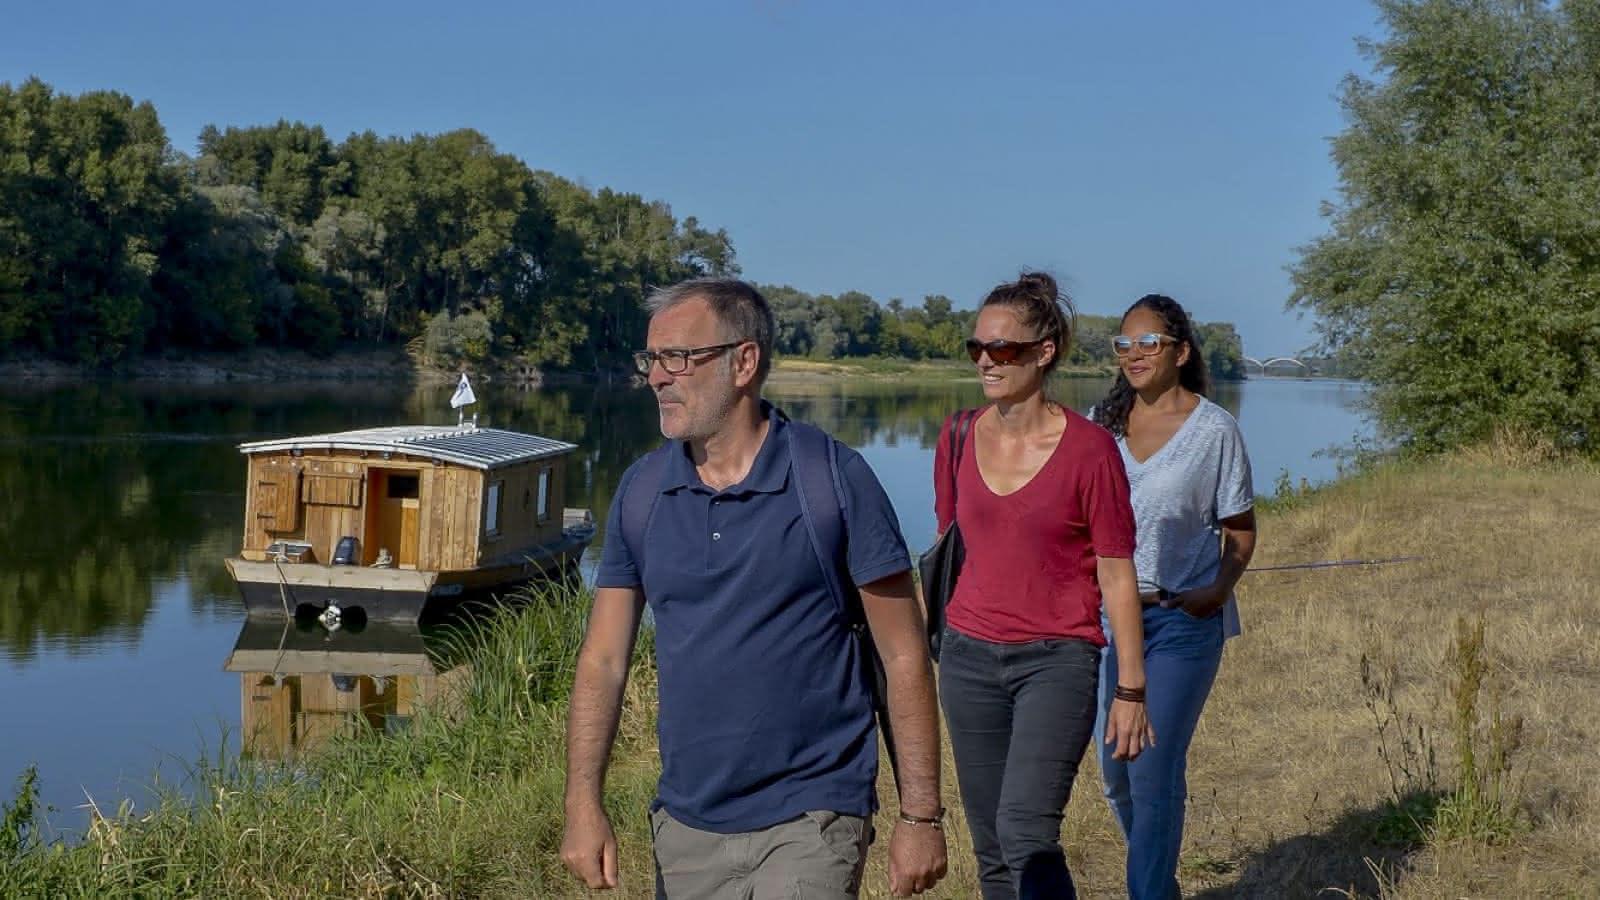 Balades randonnée pédestre Saint-Dyé-sur-Loire - Vacances en Loir-et-Cher Val de Loire ©Laurent-Alvarez-ADT41 (9)